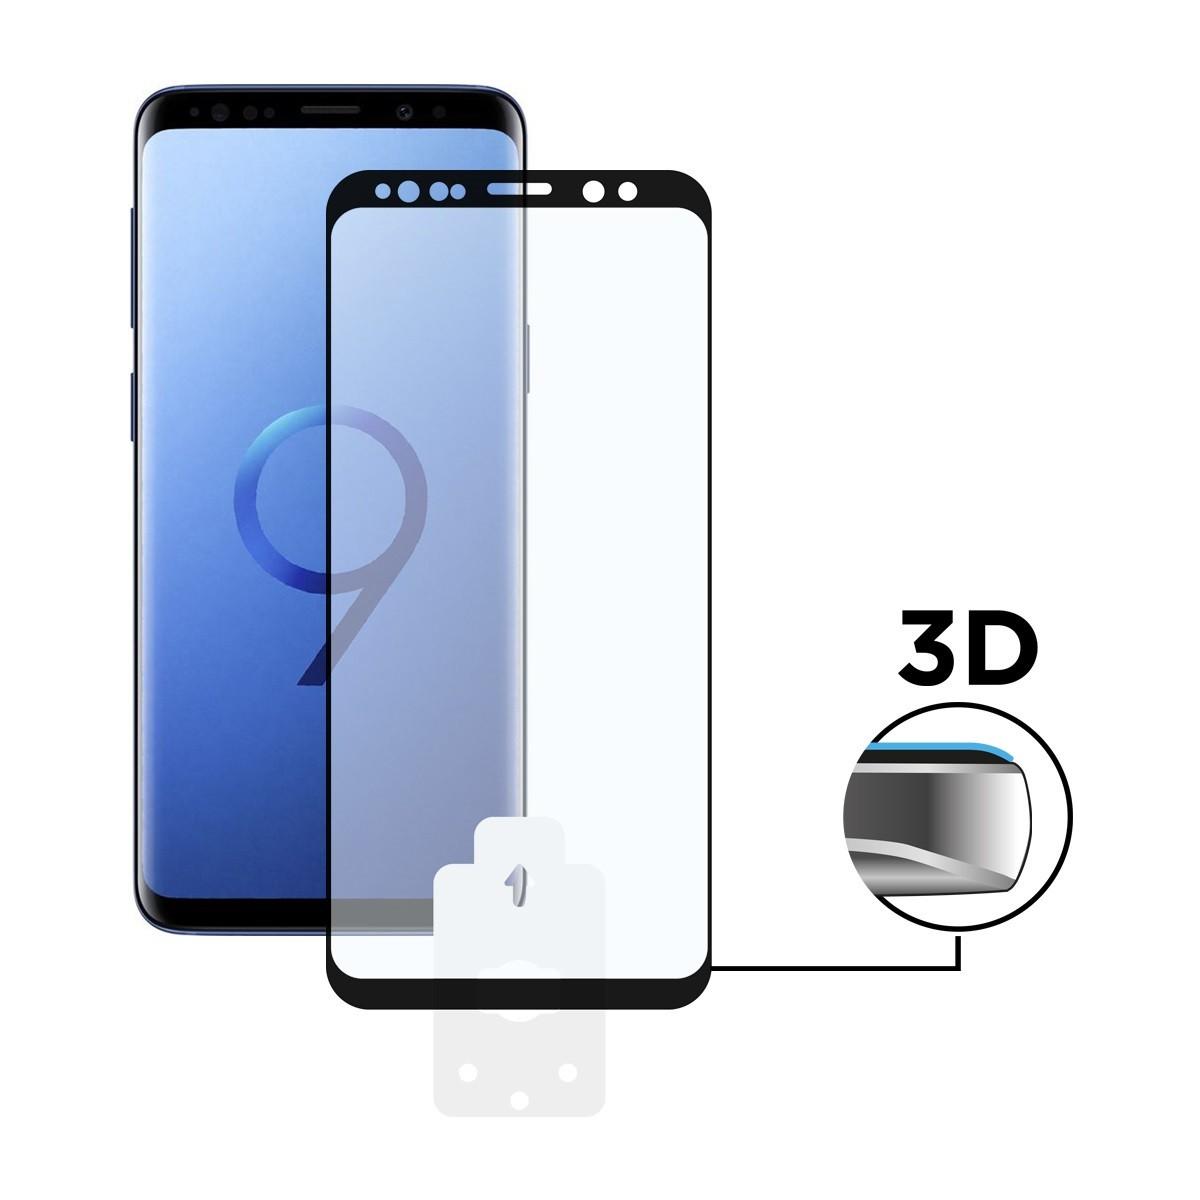 Protector Pantalla Ksix Galaxy S9 3d Cristal Templado Borde Negro